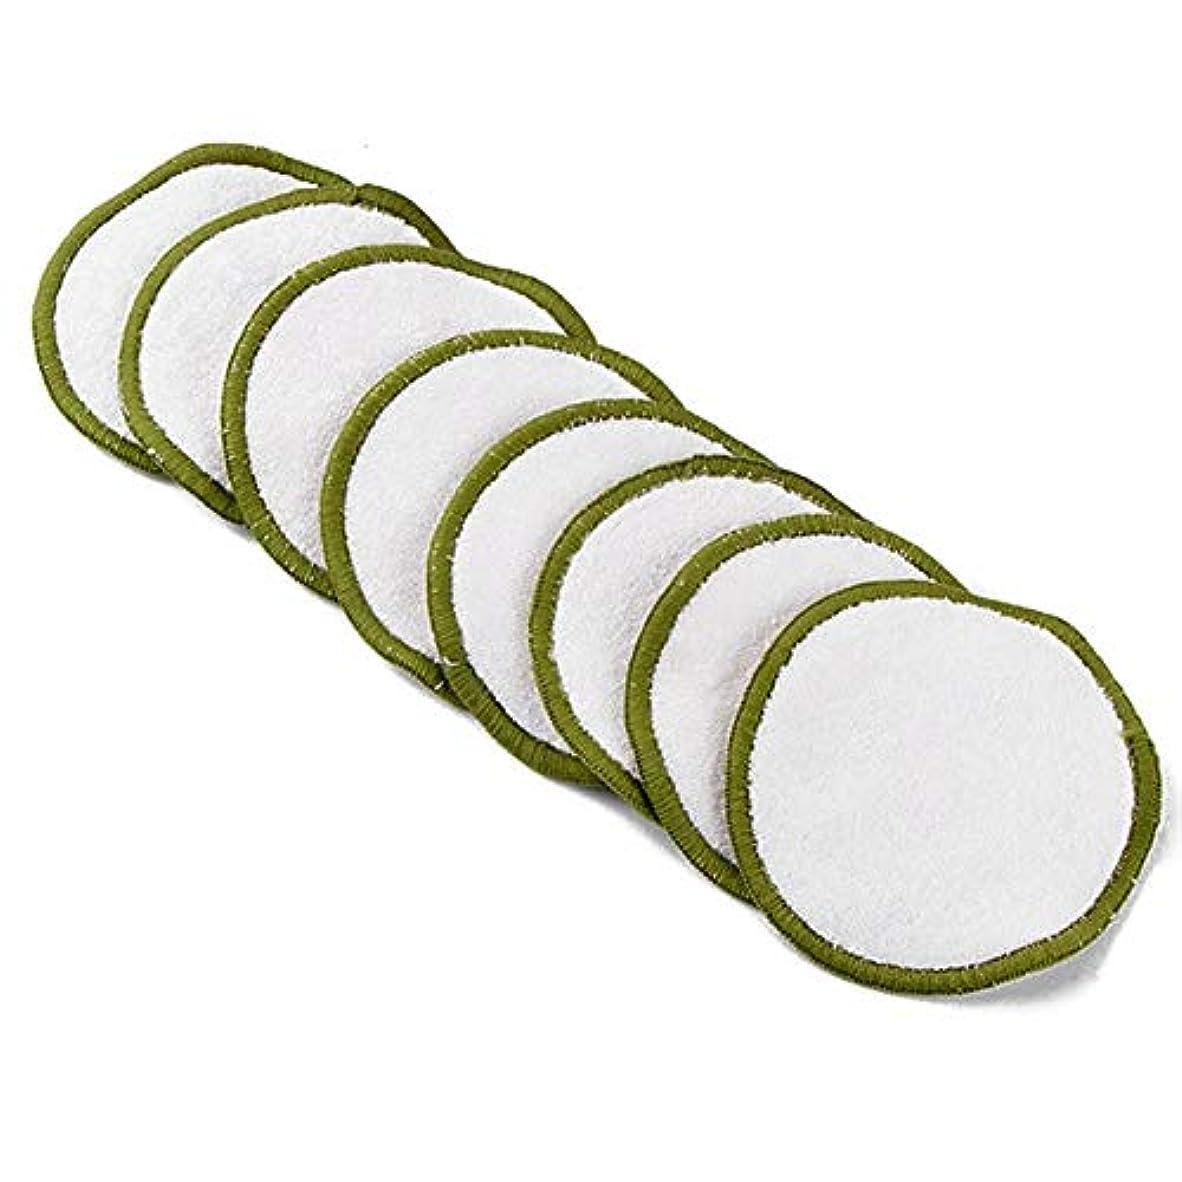 受賞扱うコンクリート16個の竹繊維化粧リムーバー洗える竹繊維化粧リムーバー綿パッド化粧リムーバーパッド(16竹繊維+綿メッシュバッグ)